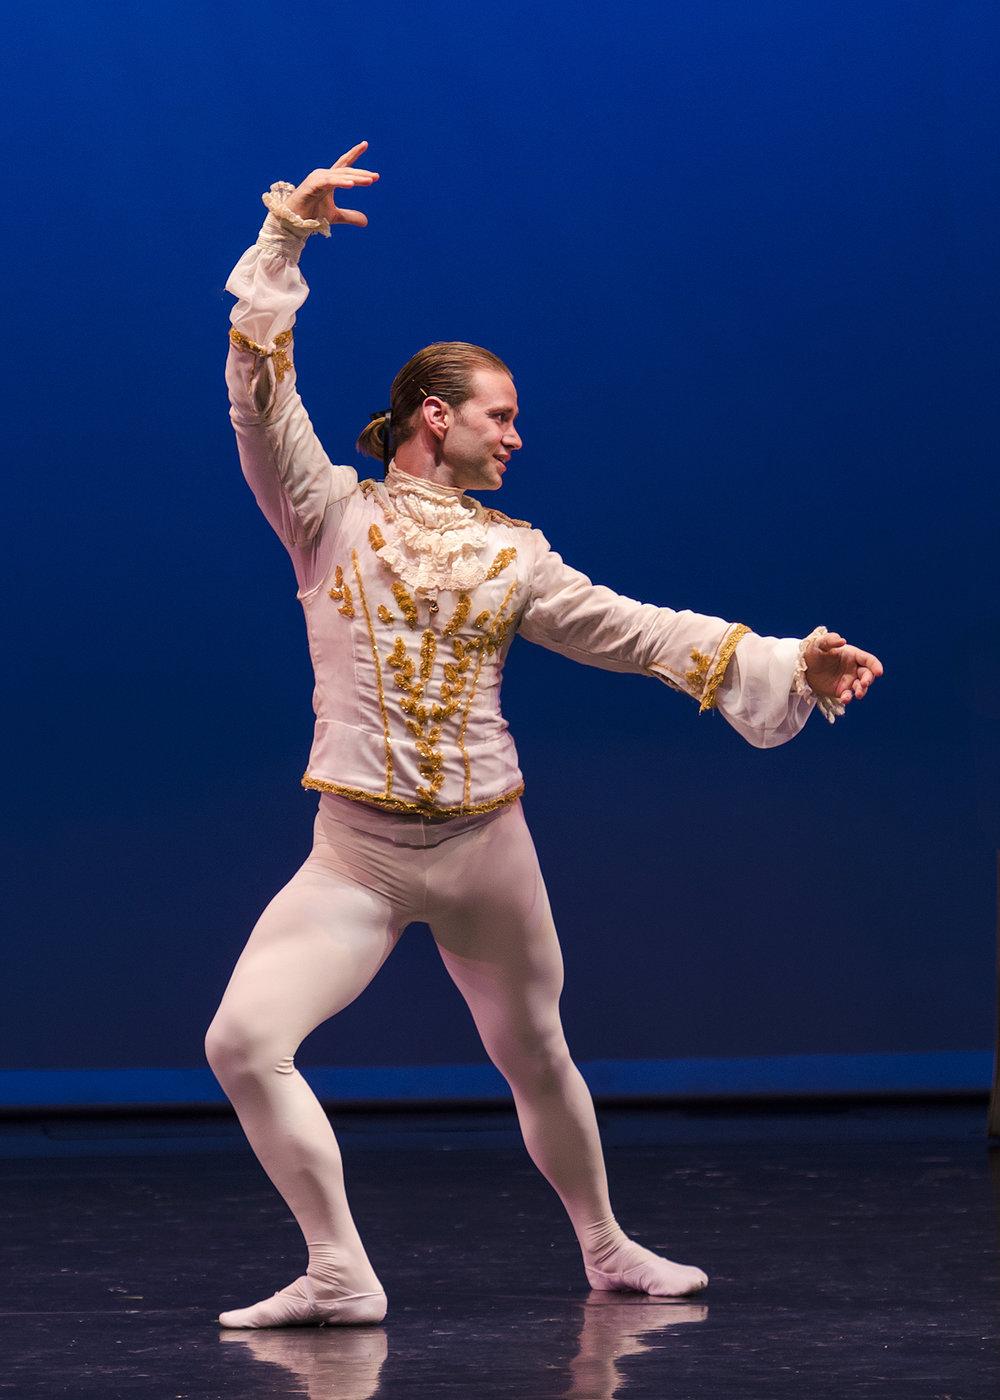 Dancer: Thomas Gant, Jr.